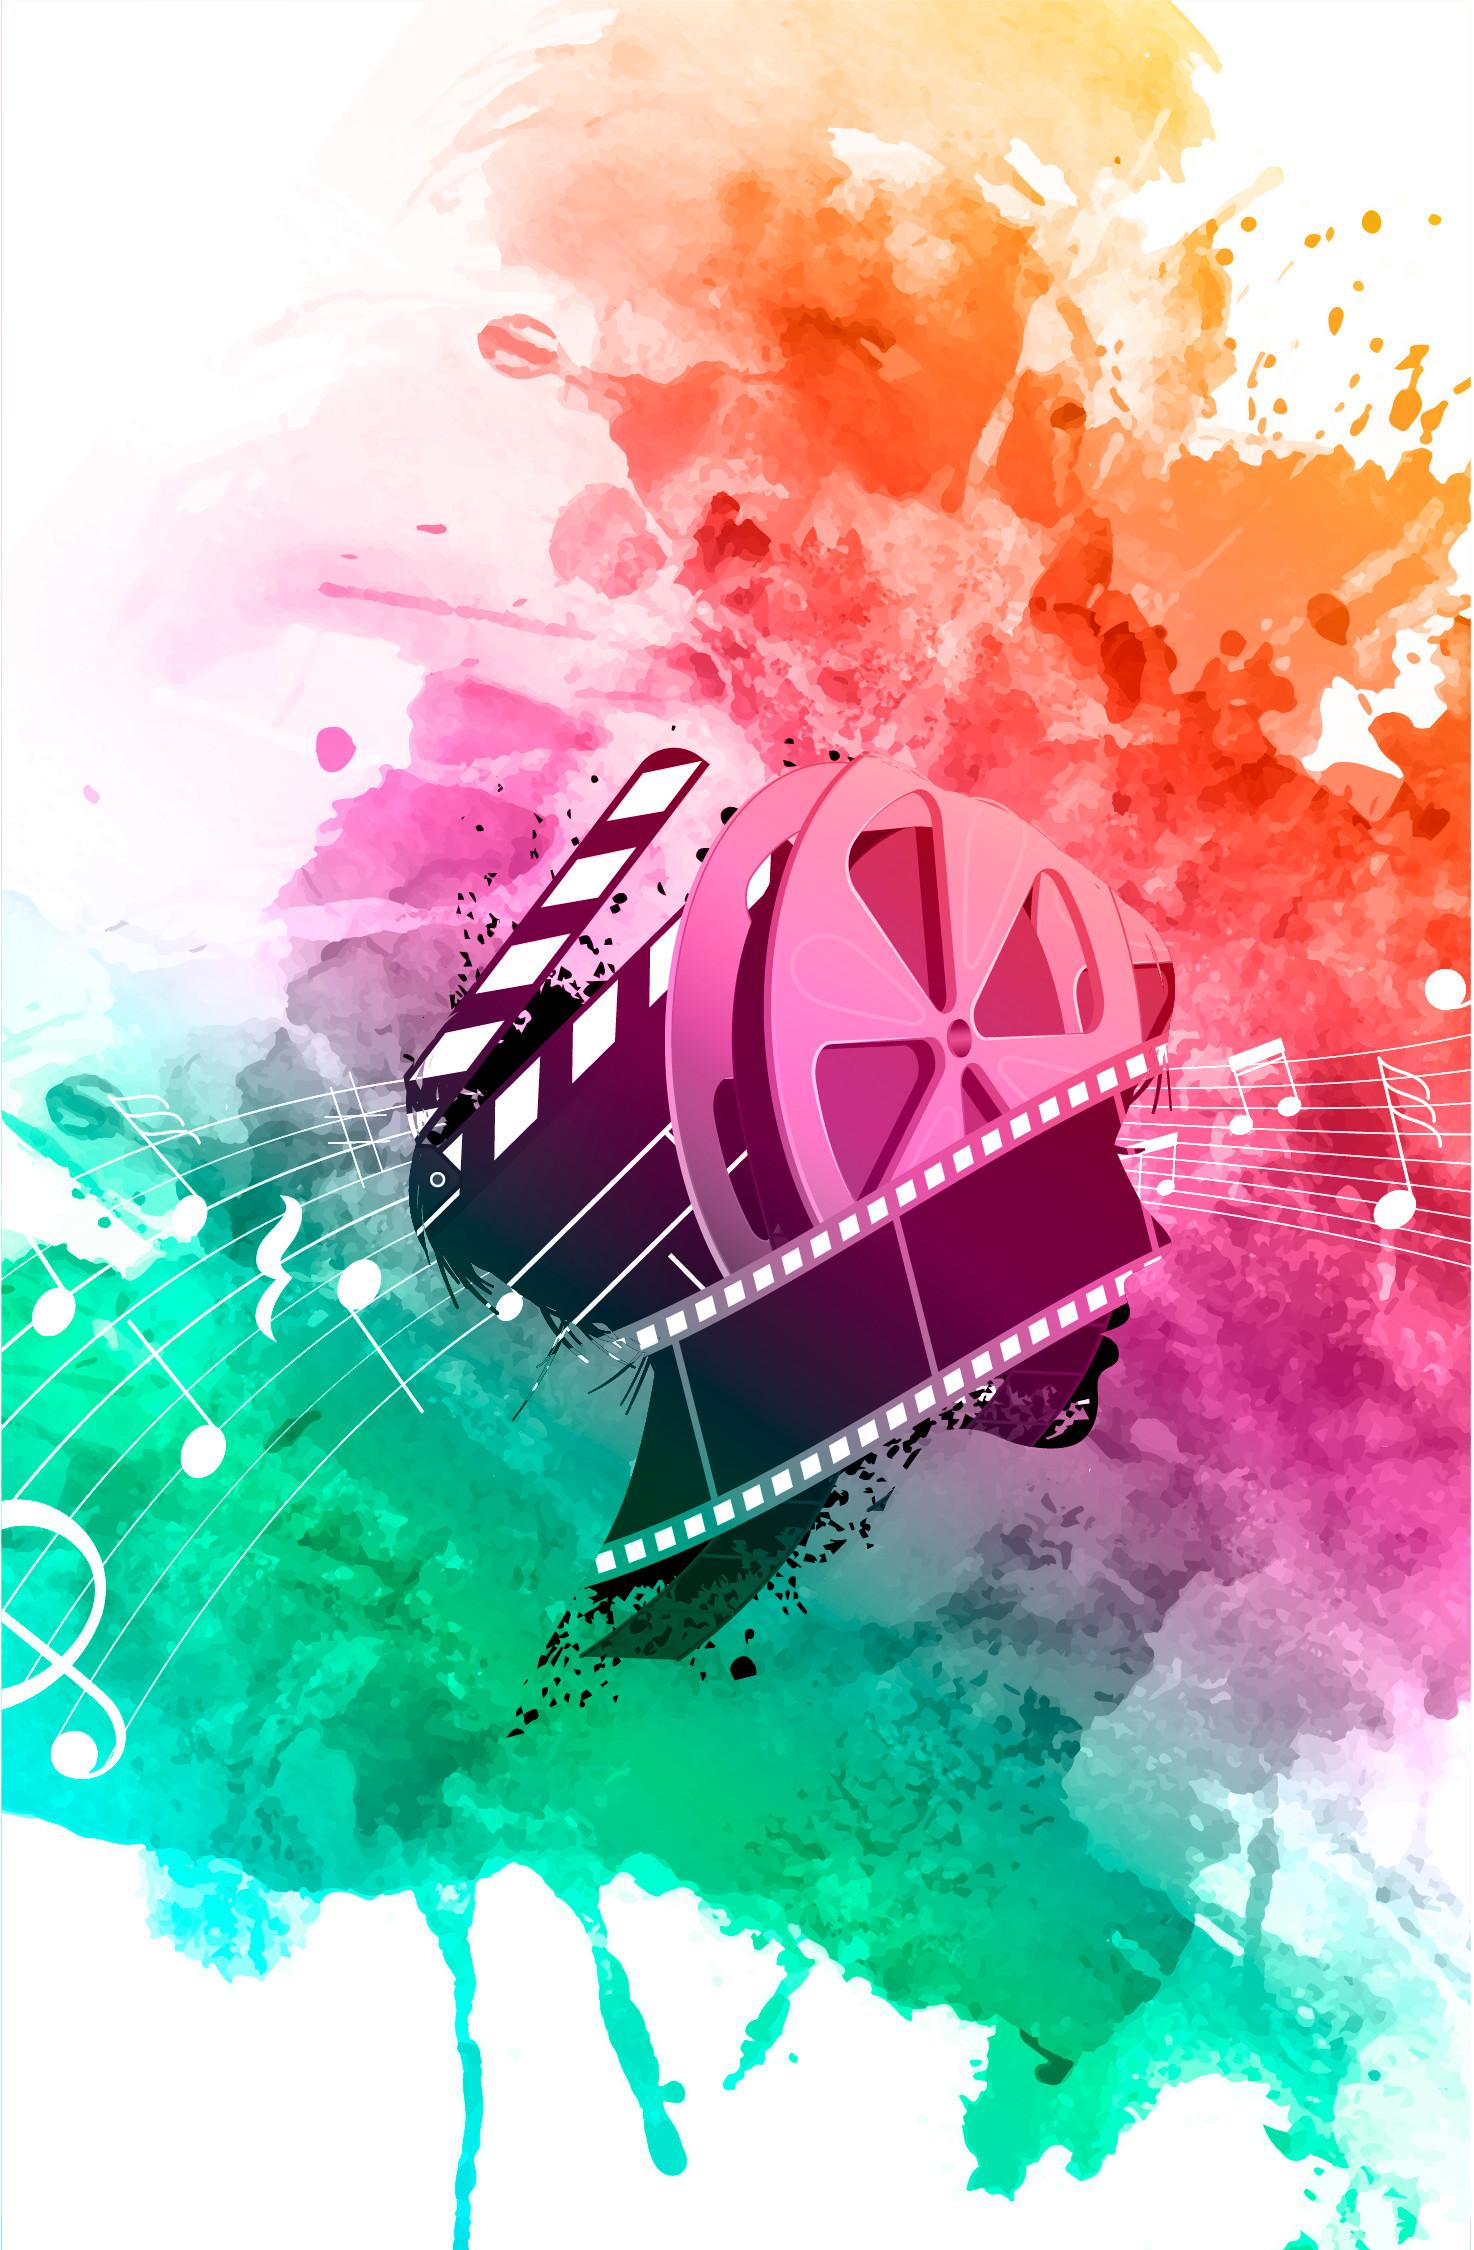 Musica y emocion_2 fondo-01.jpg